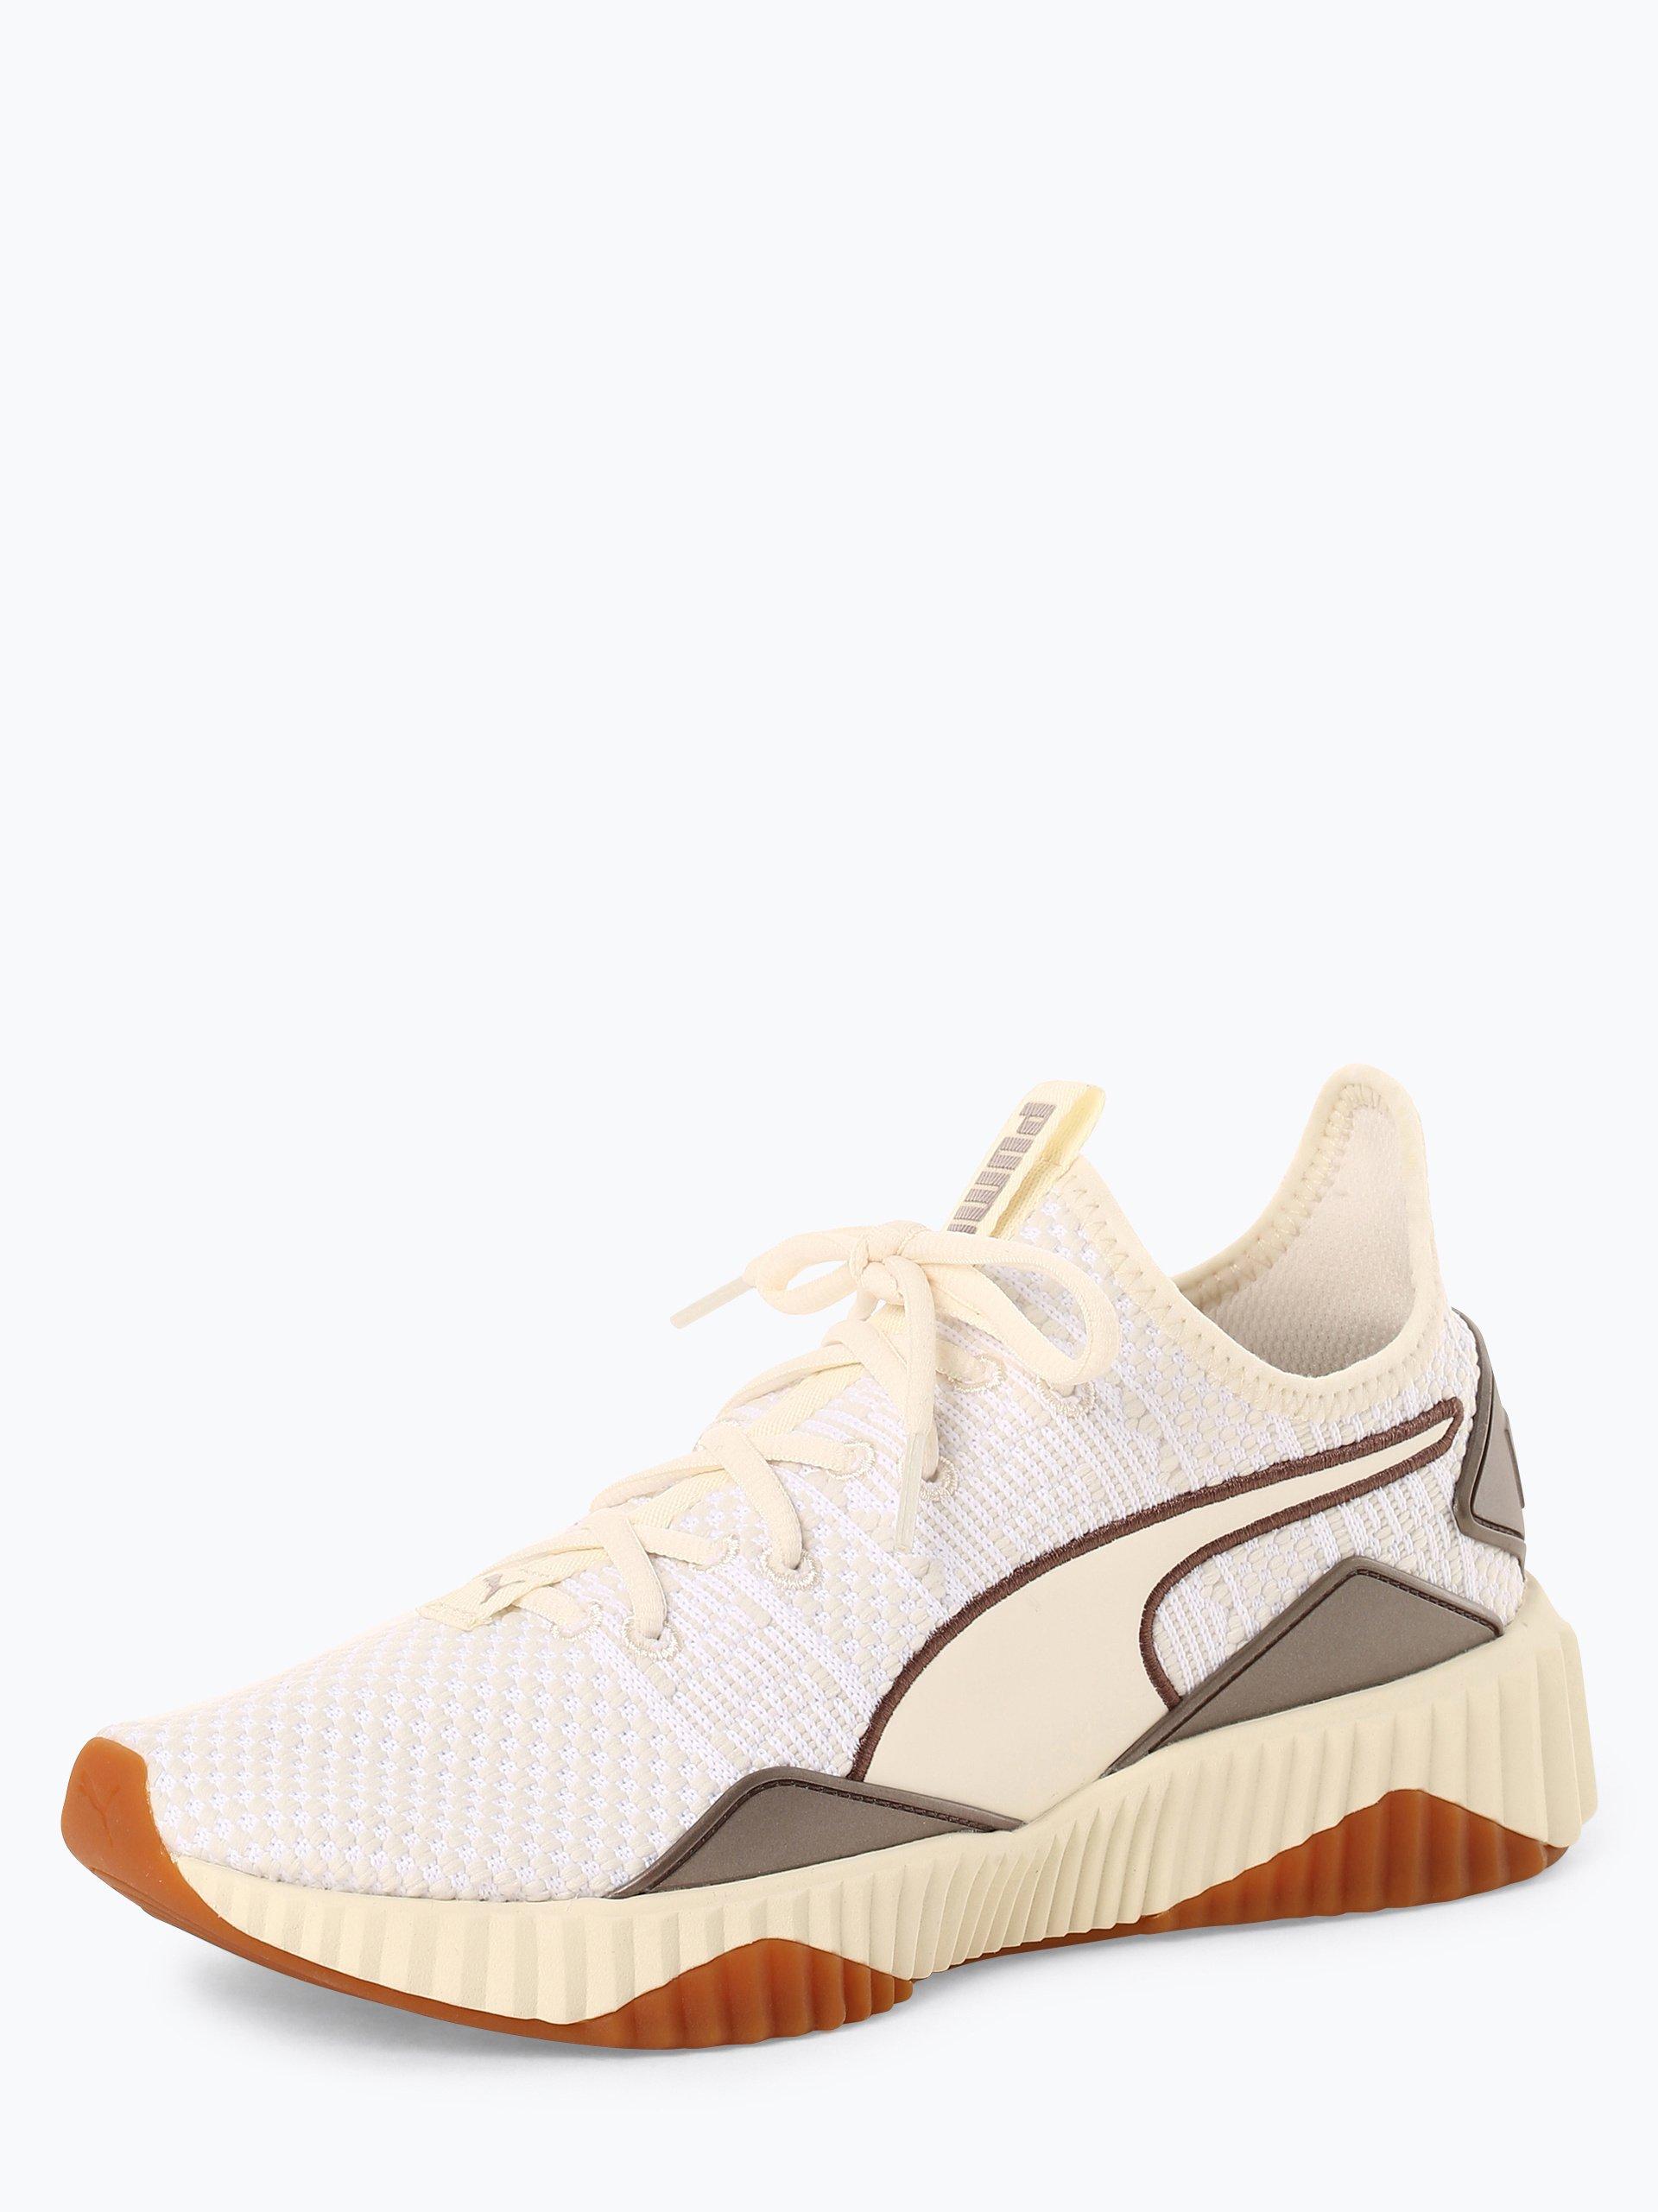 Puma Damen Sneaker - Defy Luxe